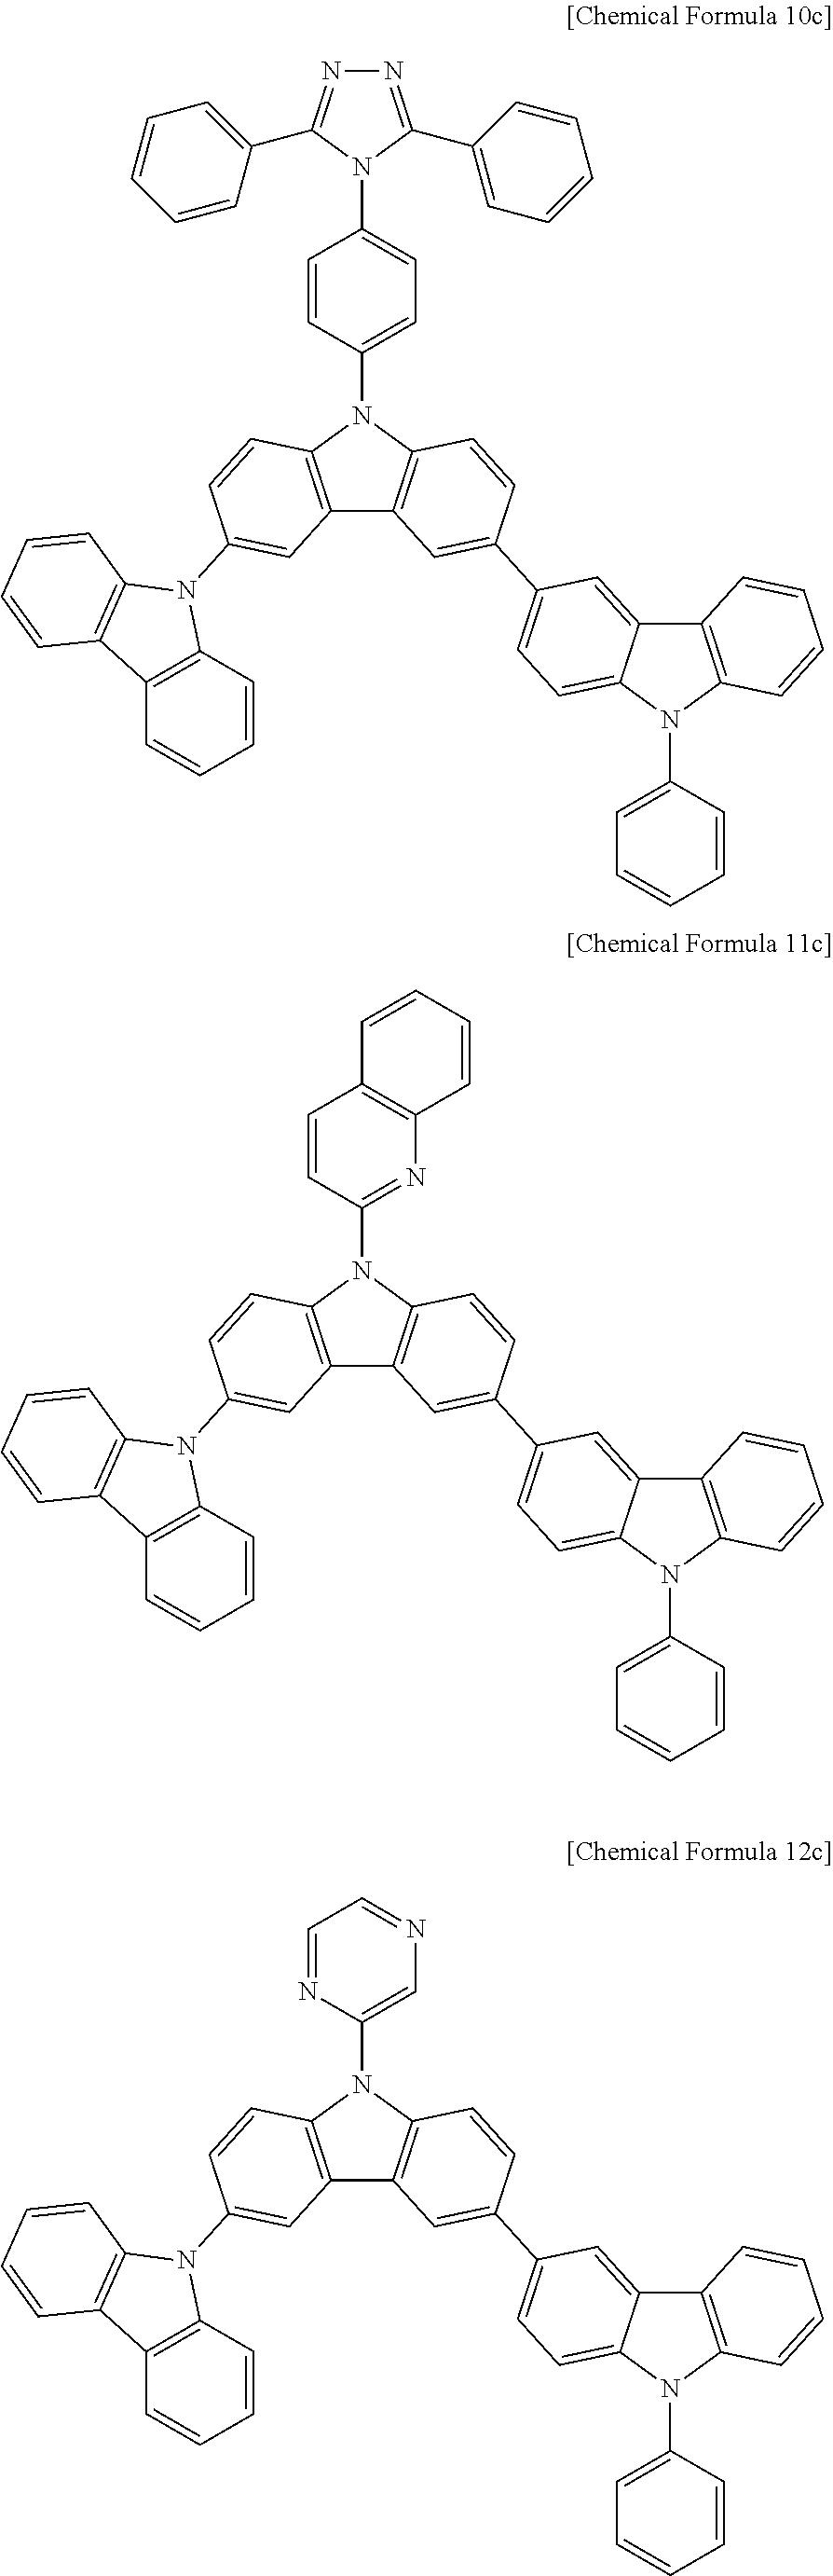 Figure US20130292659A1-20131107-C00039